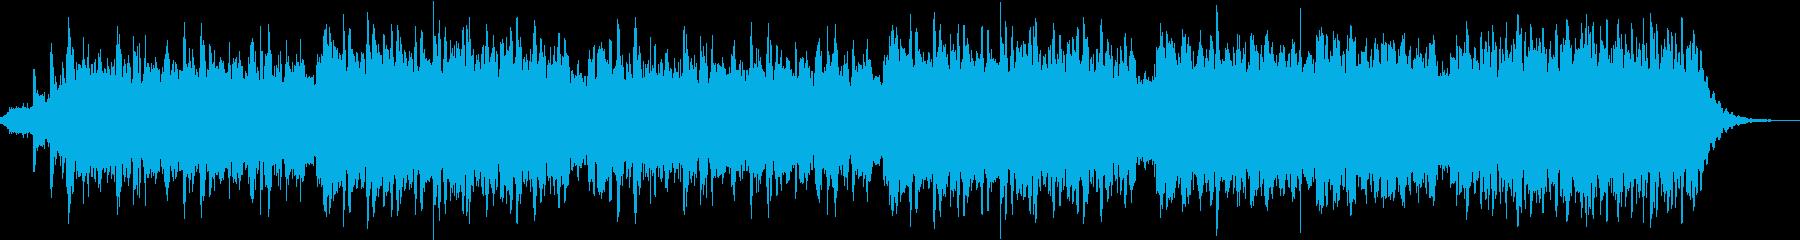 ヒーリング音楽を聴いて心をケアの再生済みの波形